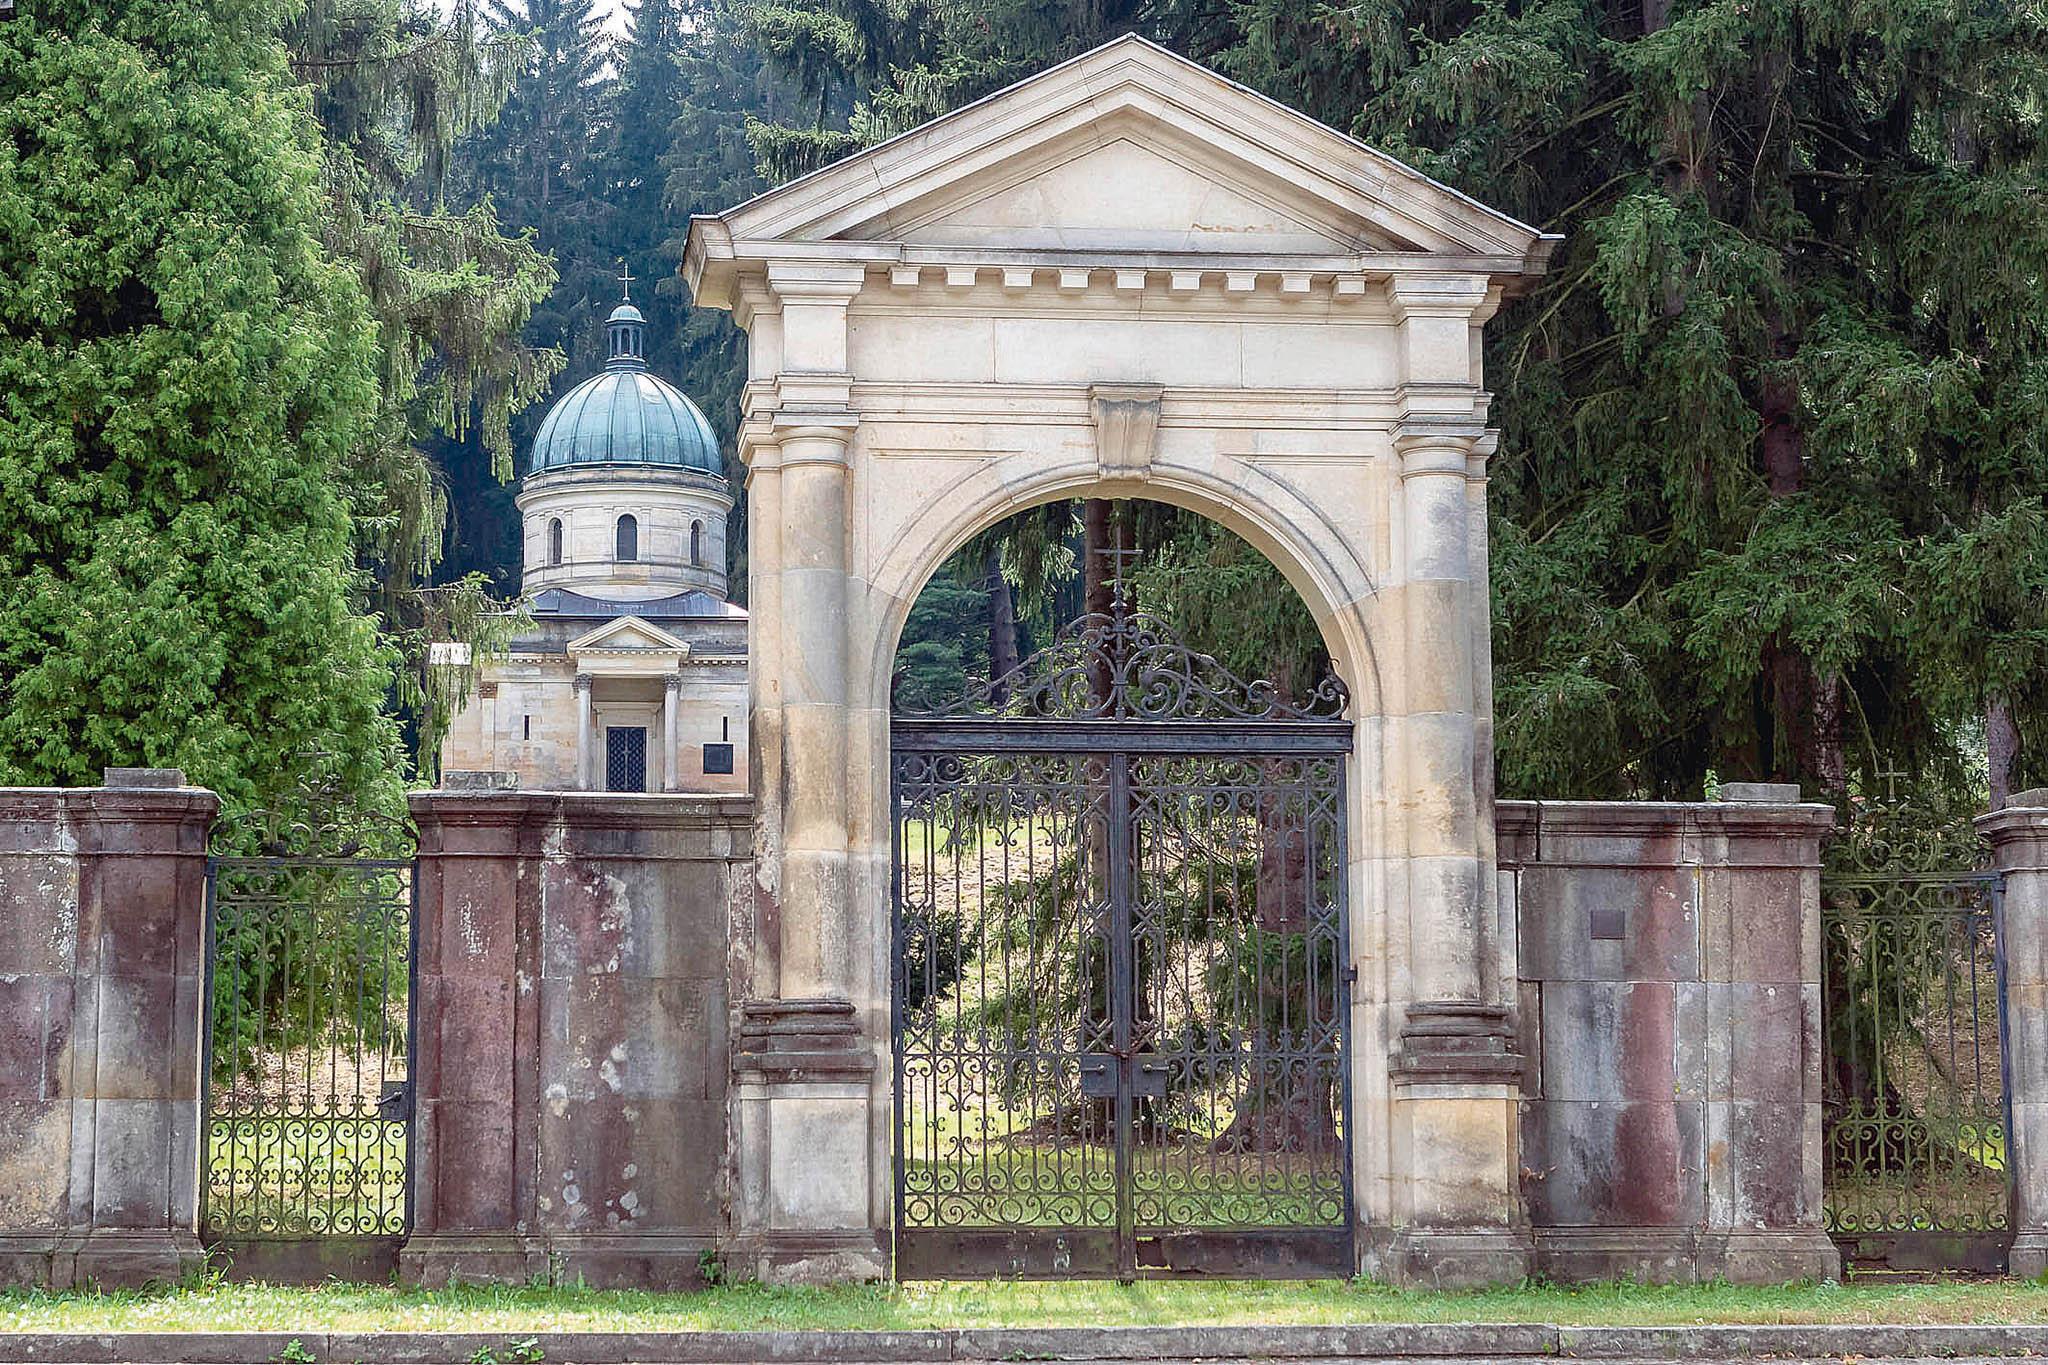 Kleinové si mohli velké mauzoleum dovolit. Pocelém Rakousku-Uhersku získávali zakázky nastavbu železnic. VSemmeringu vRakousku postavili tunely, které se stále používají.